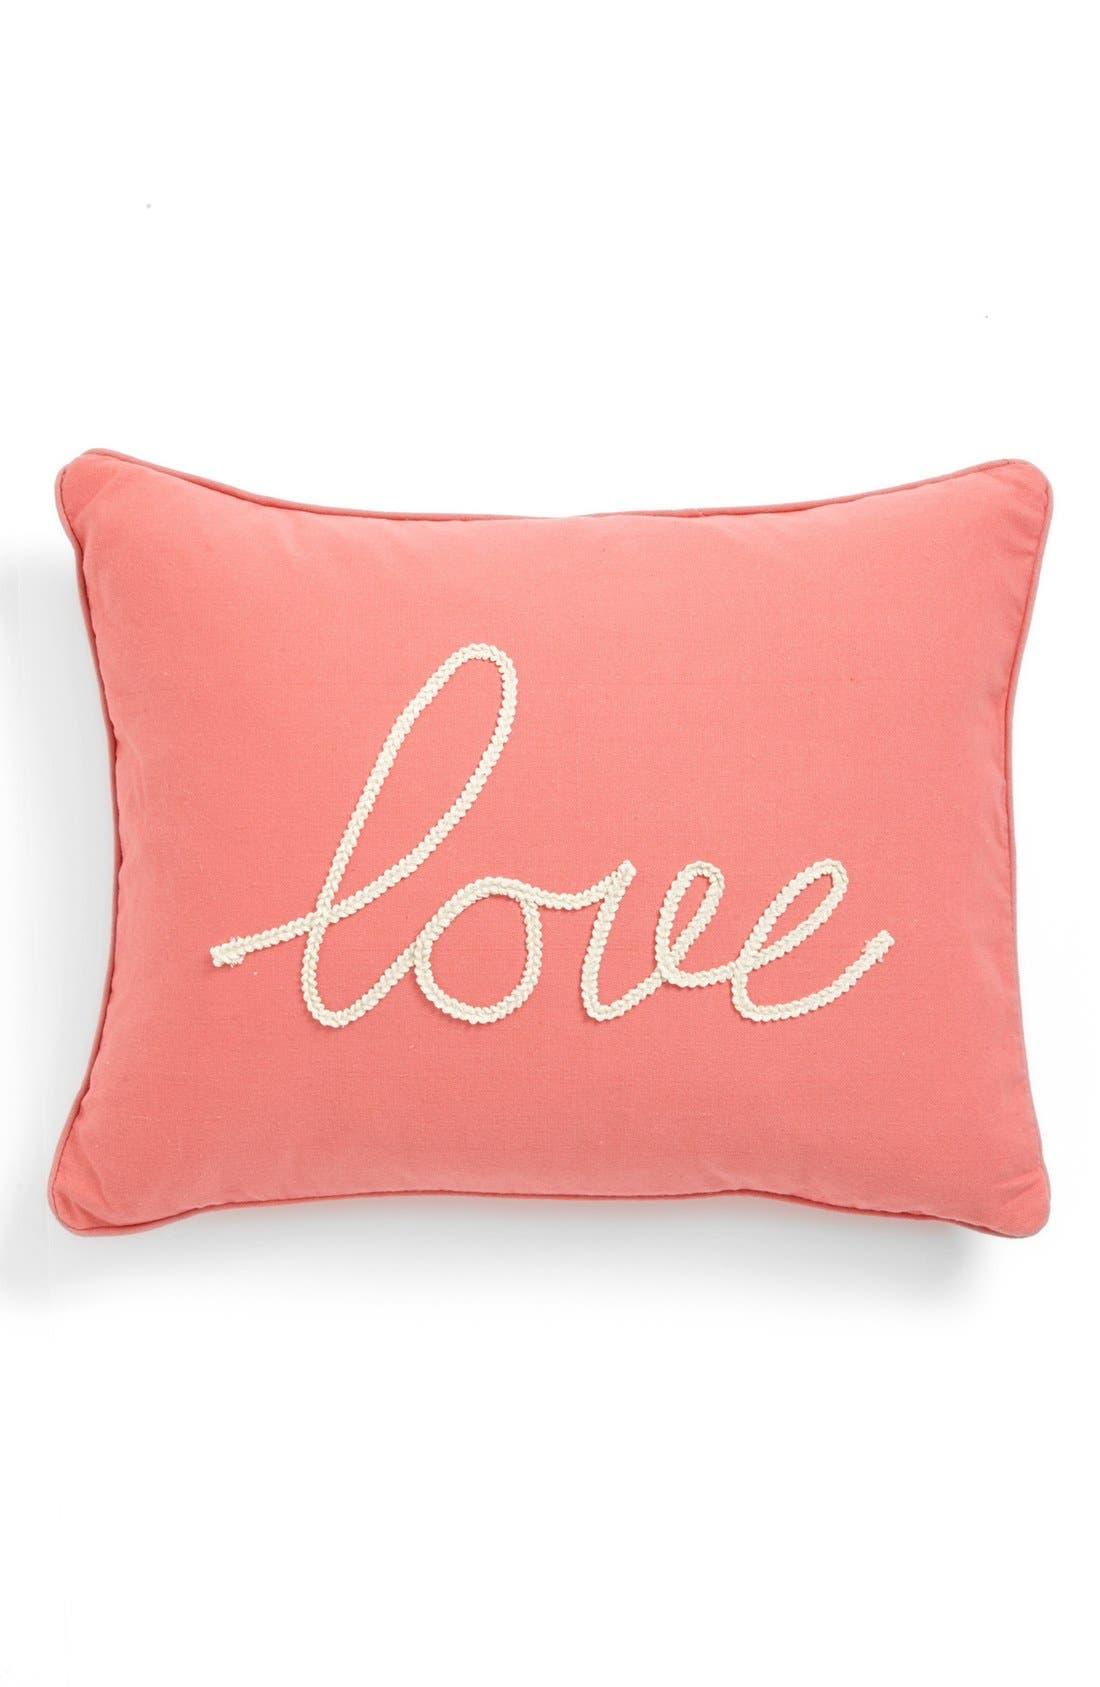 Main Image - Levtex 'Love' Pillow